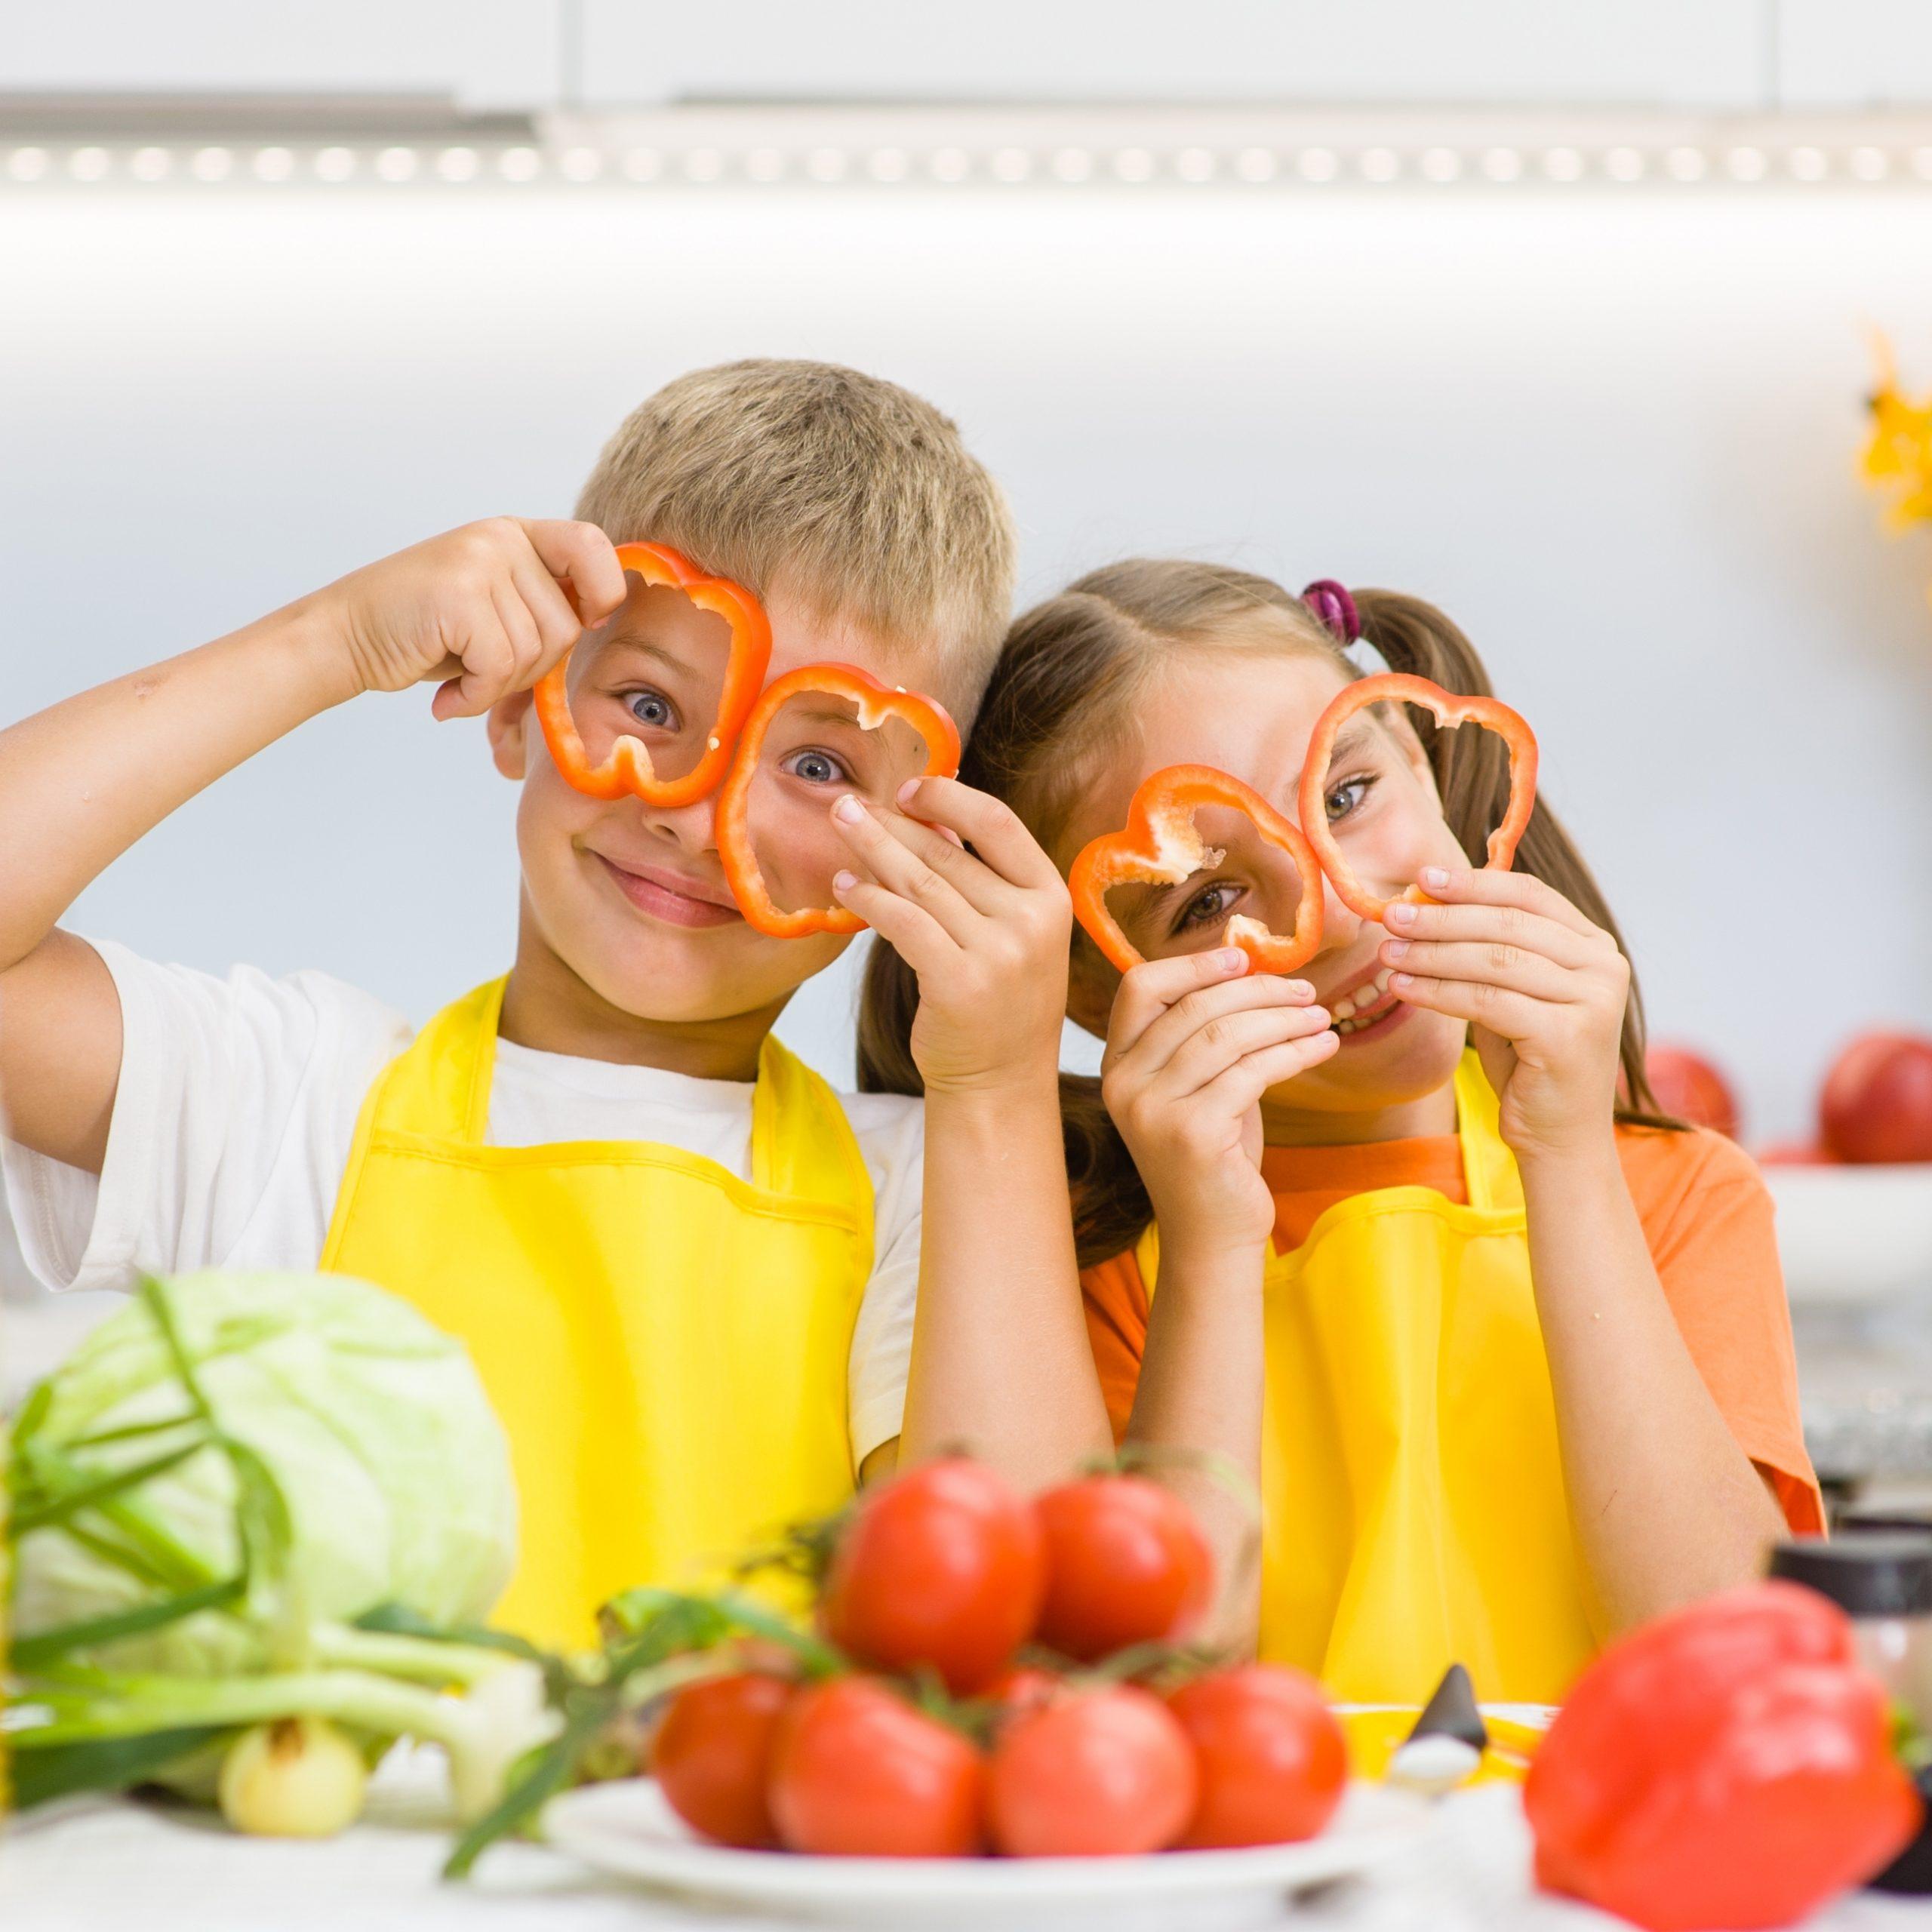 Hochverarbeitete Lebensmittel begünstigen Nährstoffmangel und fördern Gewichtszunahme bei Kindern